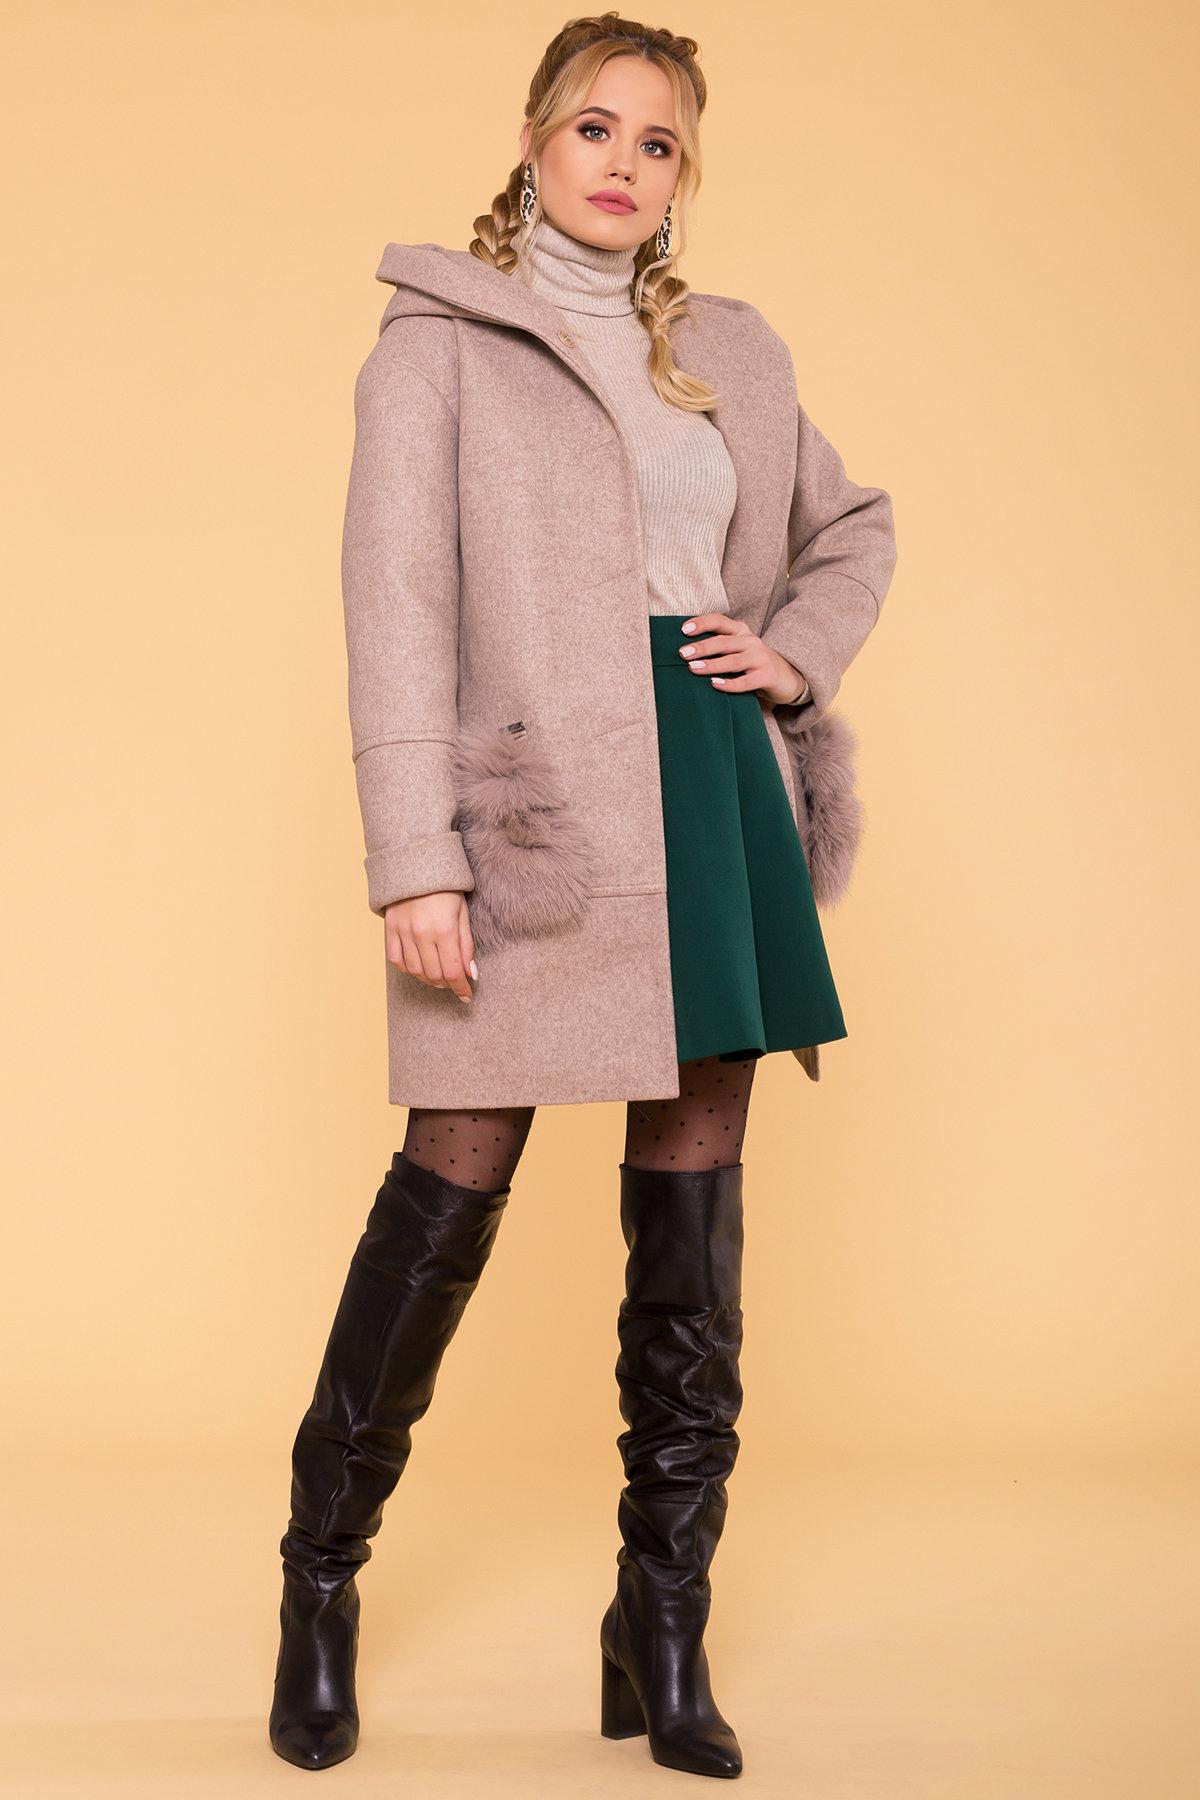 Пальто зима Анита 5752 АРТ. 40712 Цвет: Бежевый 28/1 - фото 3, интернет магазин tm-modus.ru